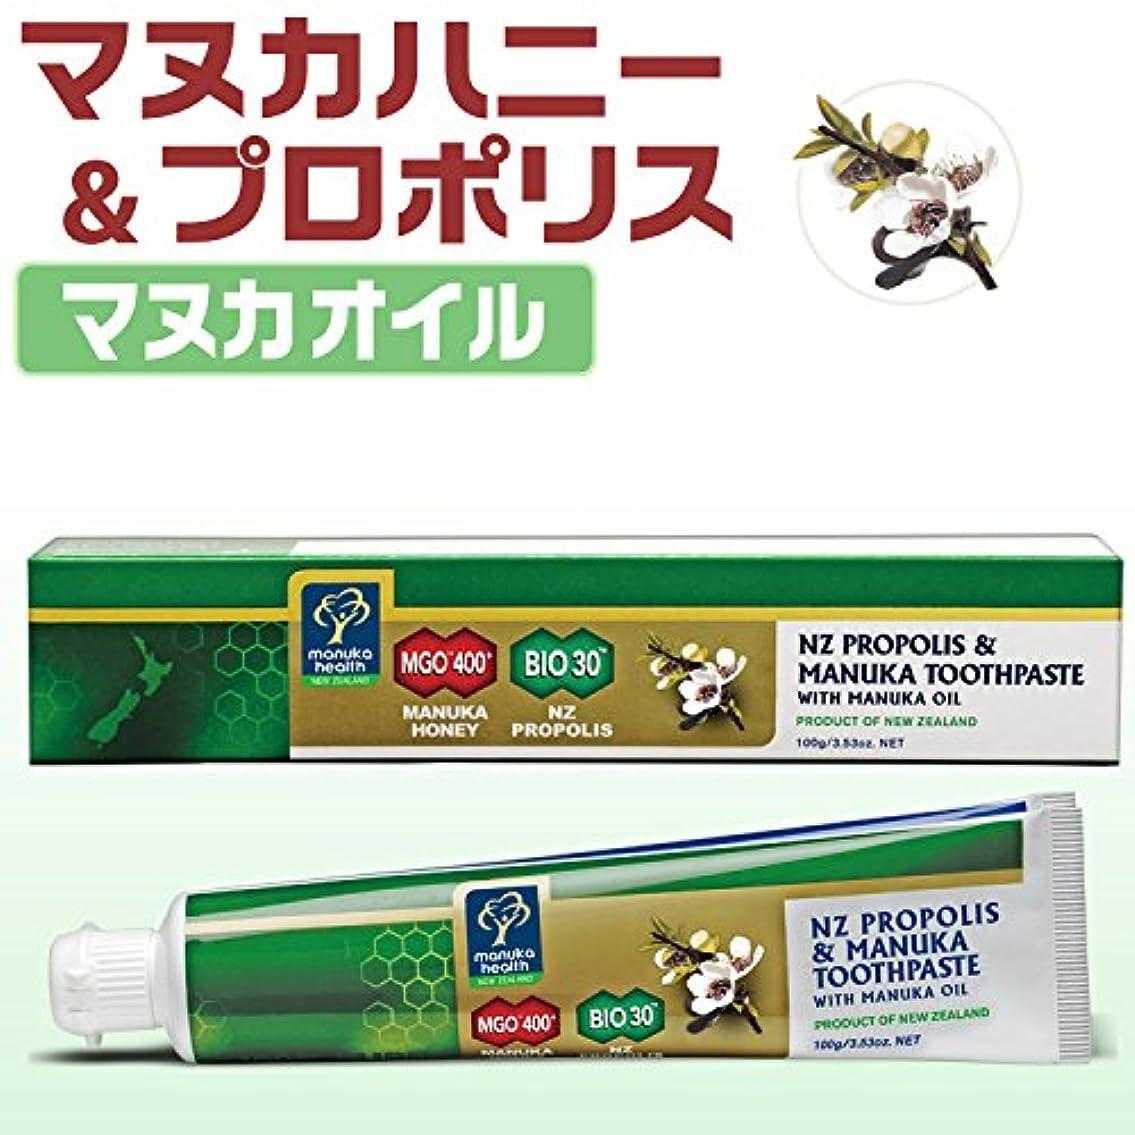 素晴らしき蒸留するメキシコプロポリス&マヌカハニー MGO400+ マヌカオイル 歯磨き粉 [100g]緑